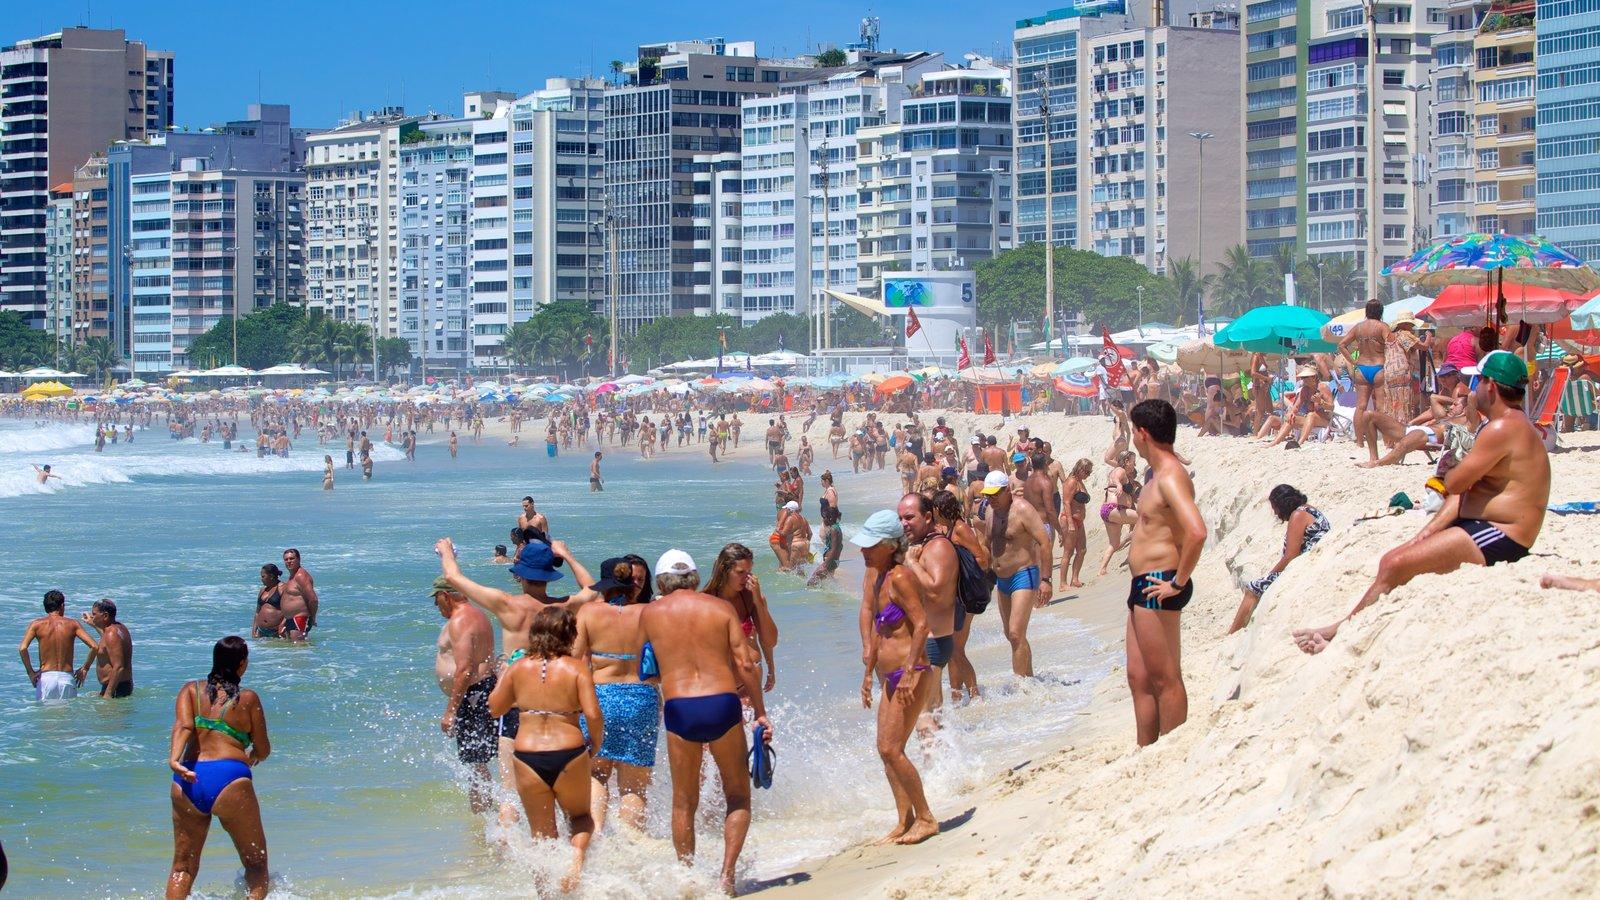 Praia de Copacabana mostrando uma praia de areia assim como um grande grupo de pessoas